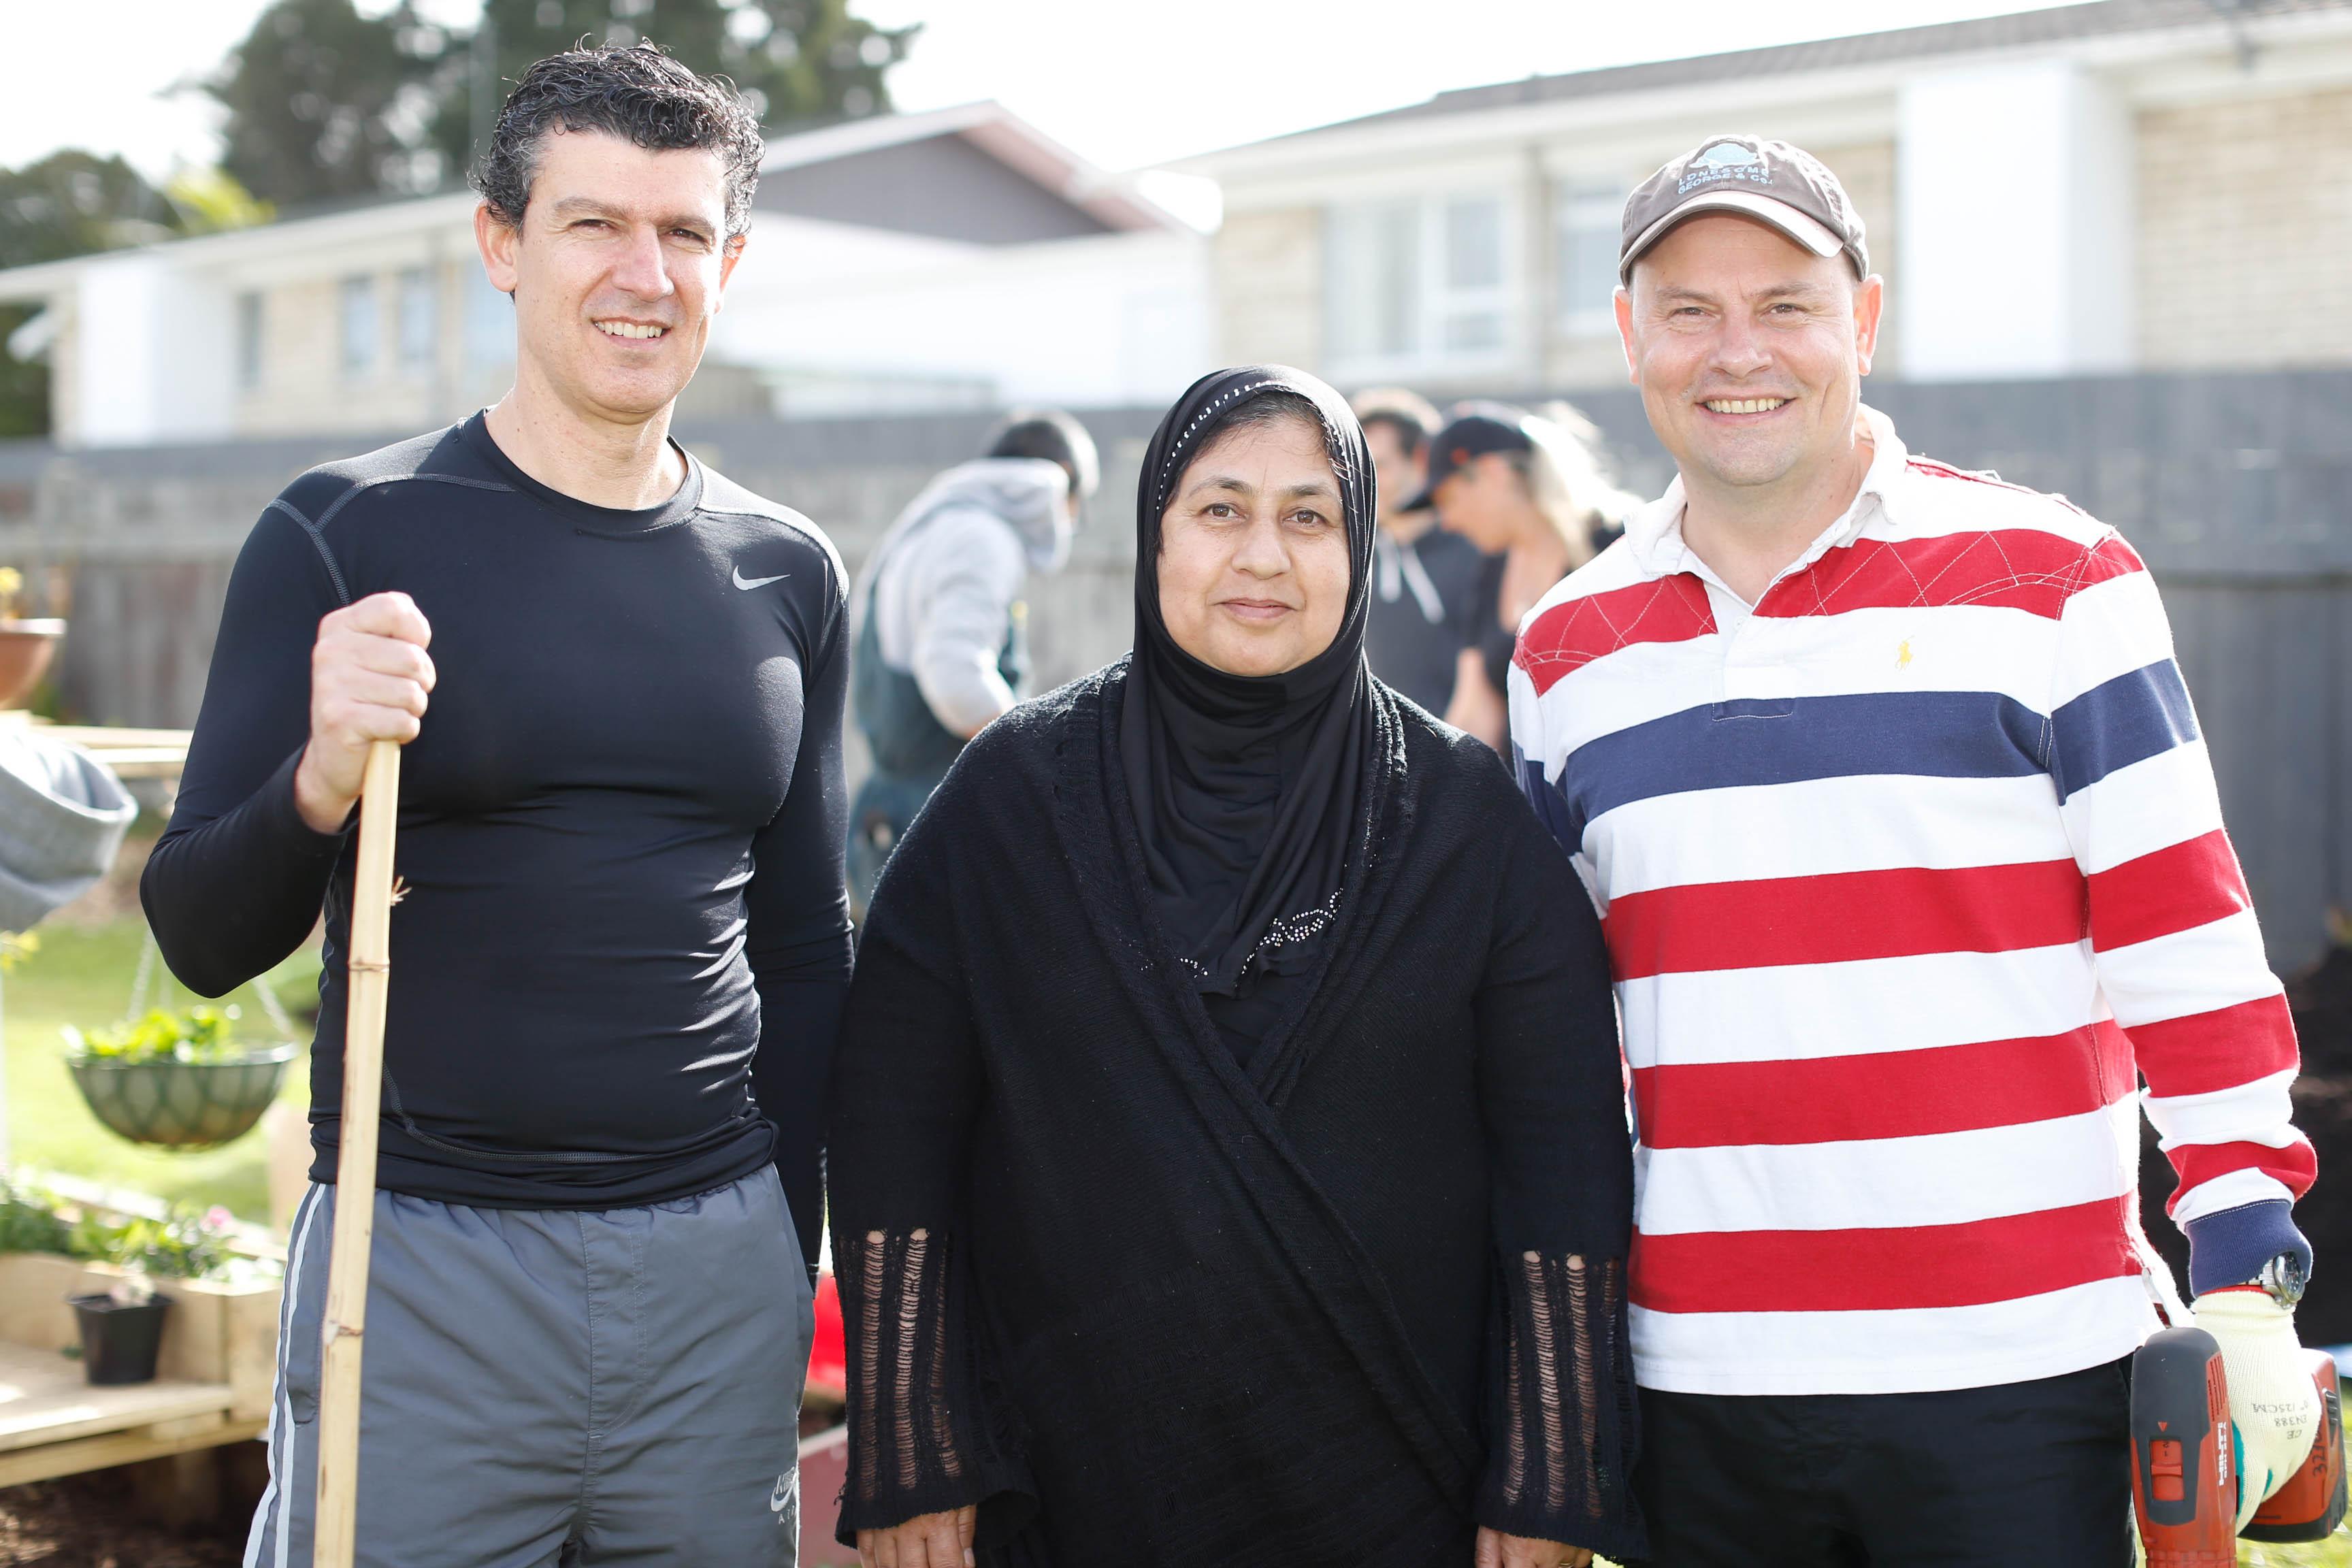 Rodrigo Smith, Hasina Dilawari, Martin Smith